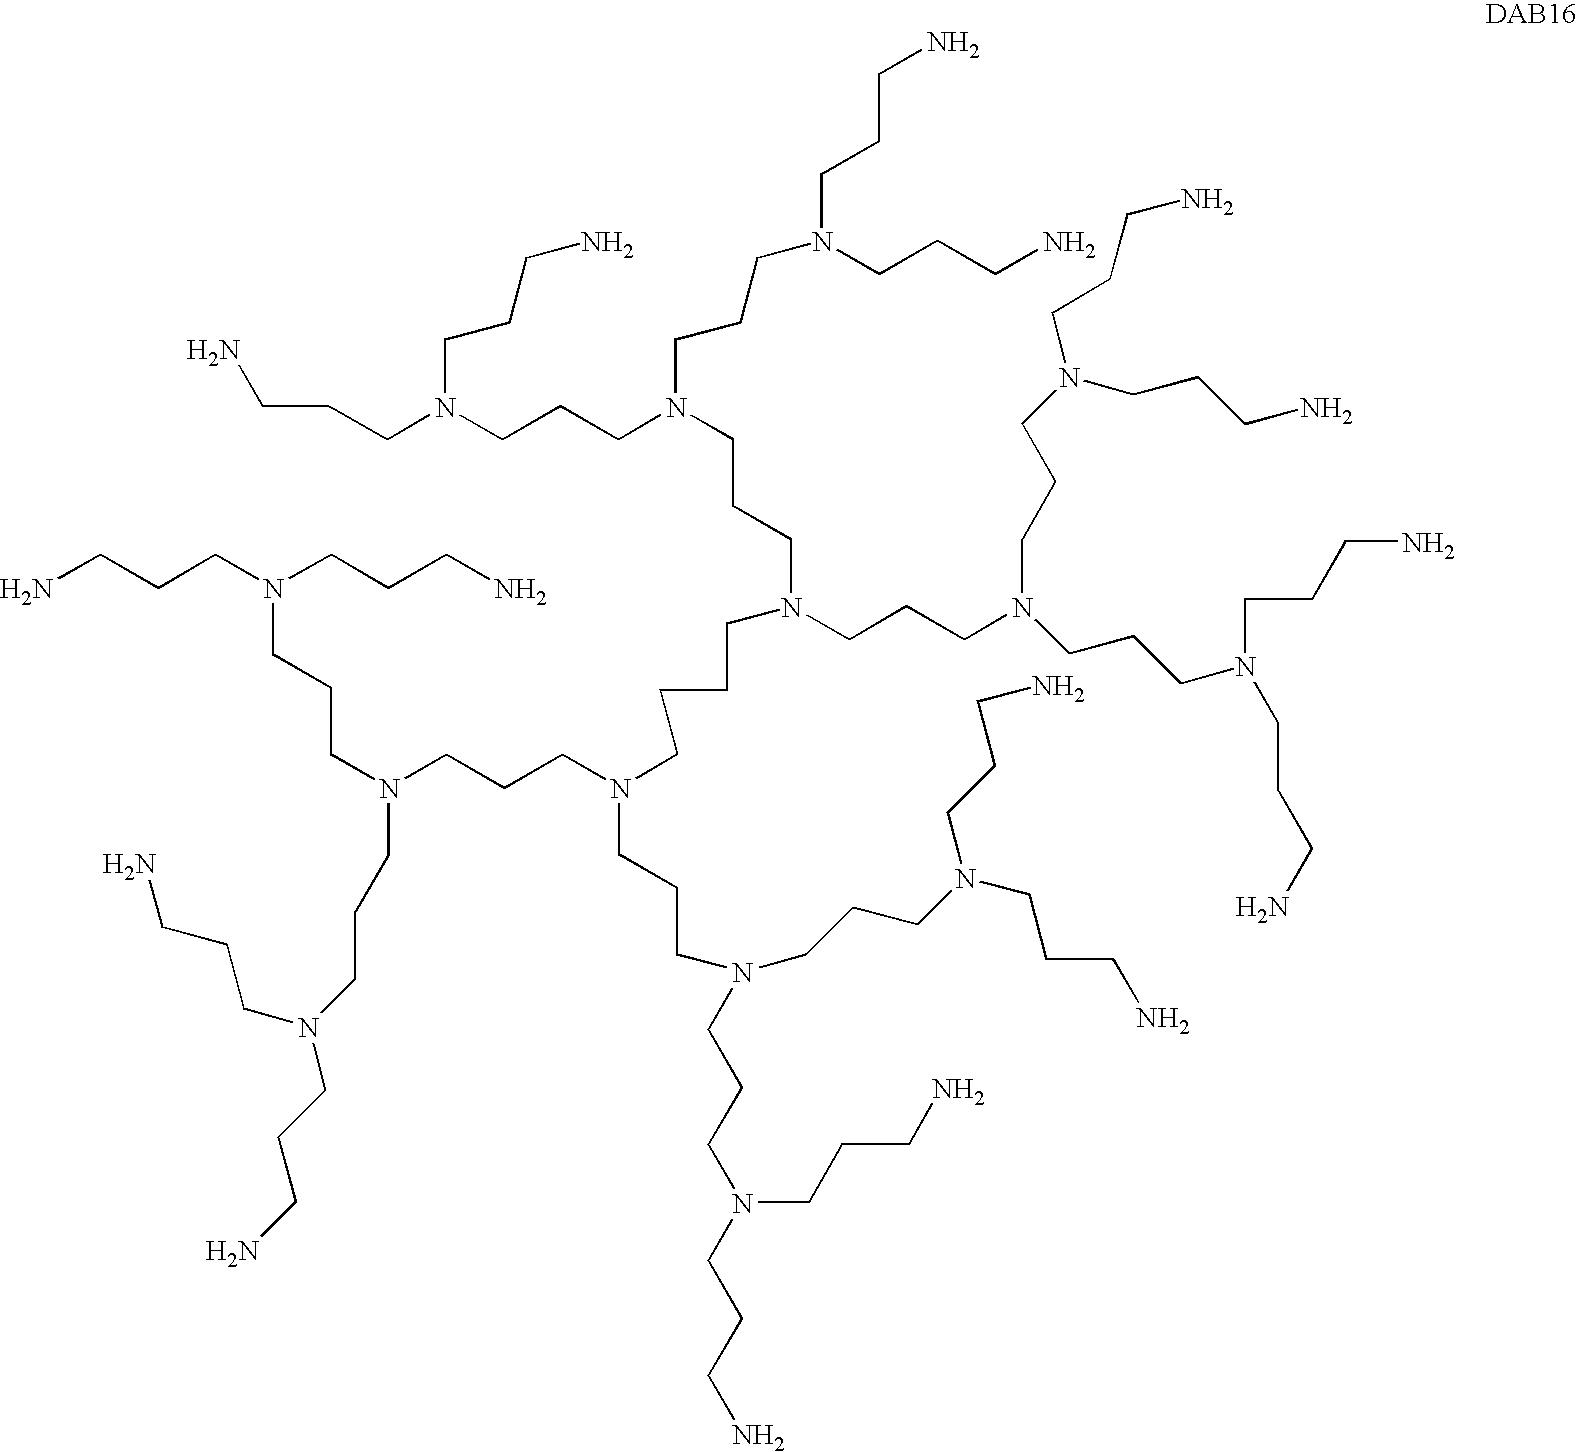 Figure US20080267903A1-20081030-C00012